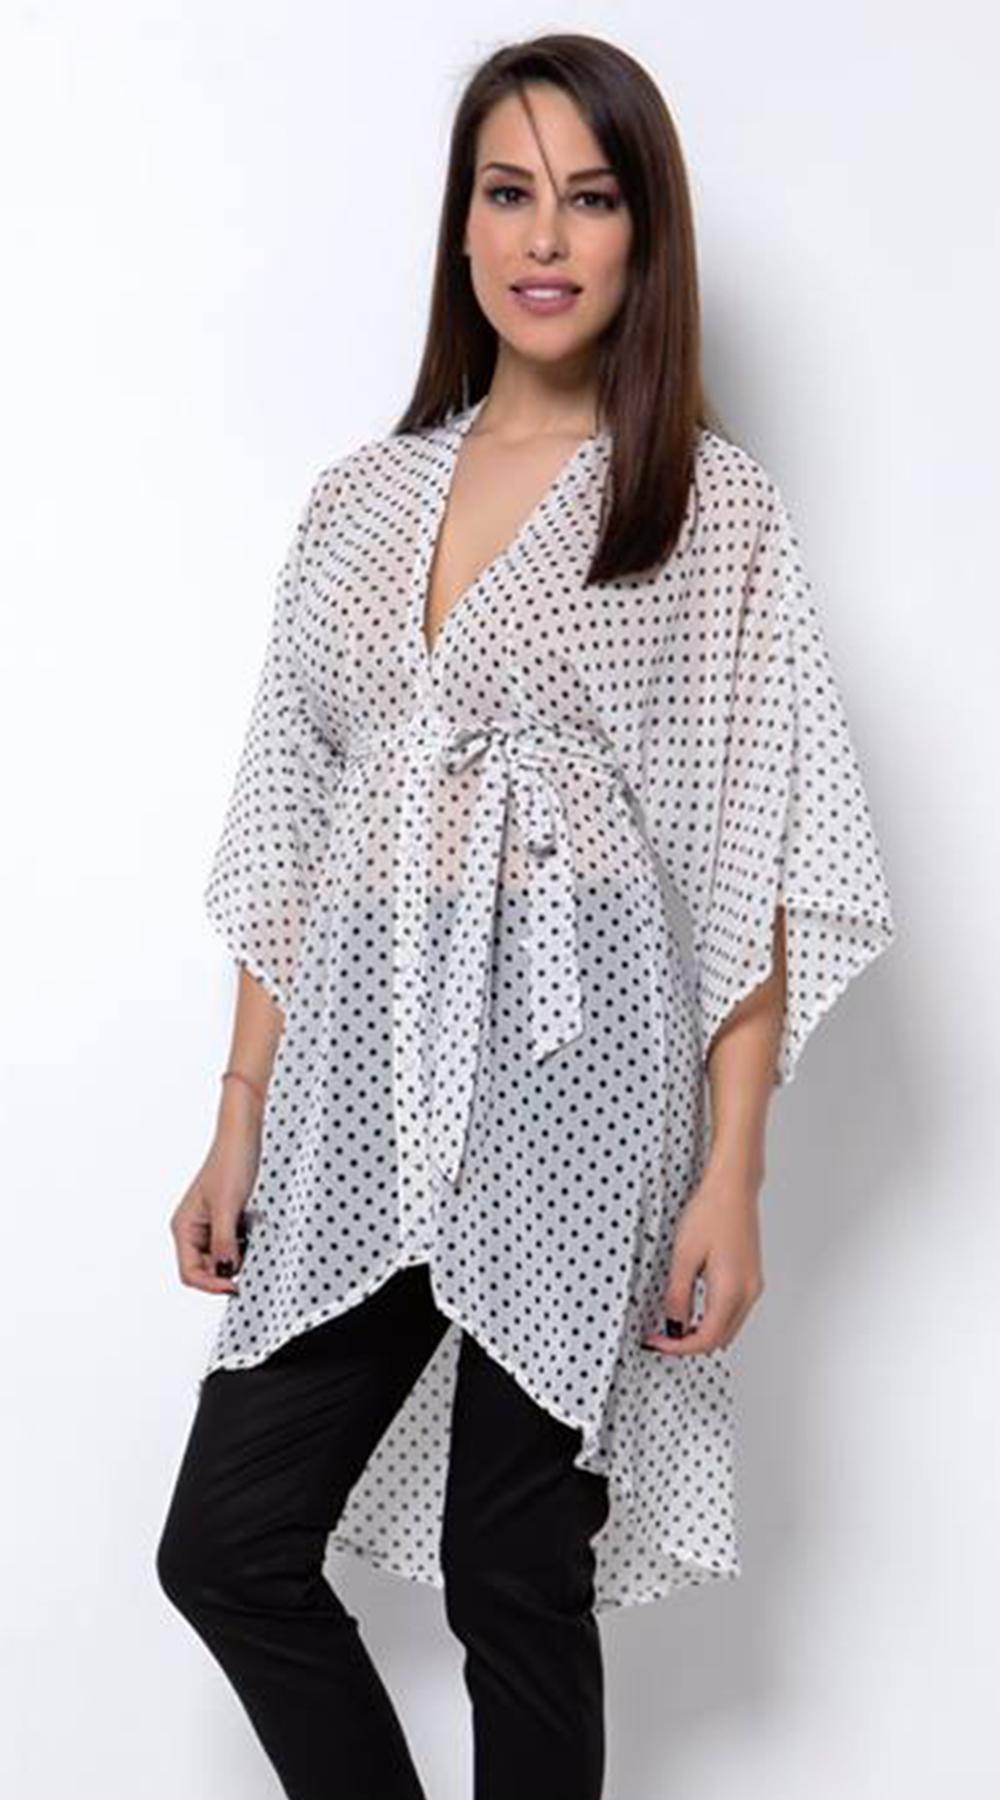 Γυναικεία πουά τουνίκ με δέσιμο - Greek Brands - SP18CM-129009 μπλούζες   t shirts elegant tops